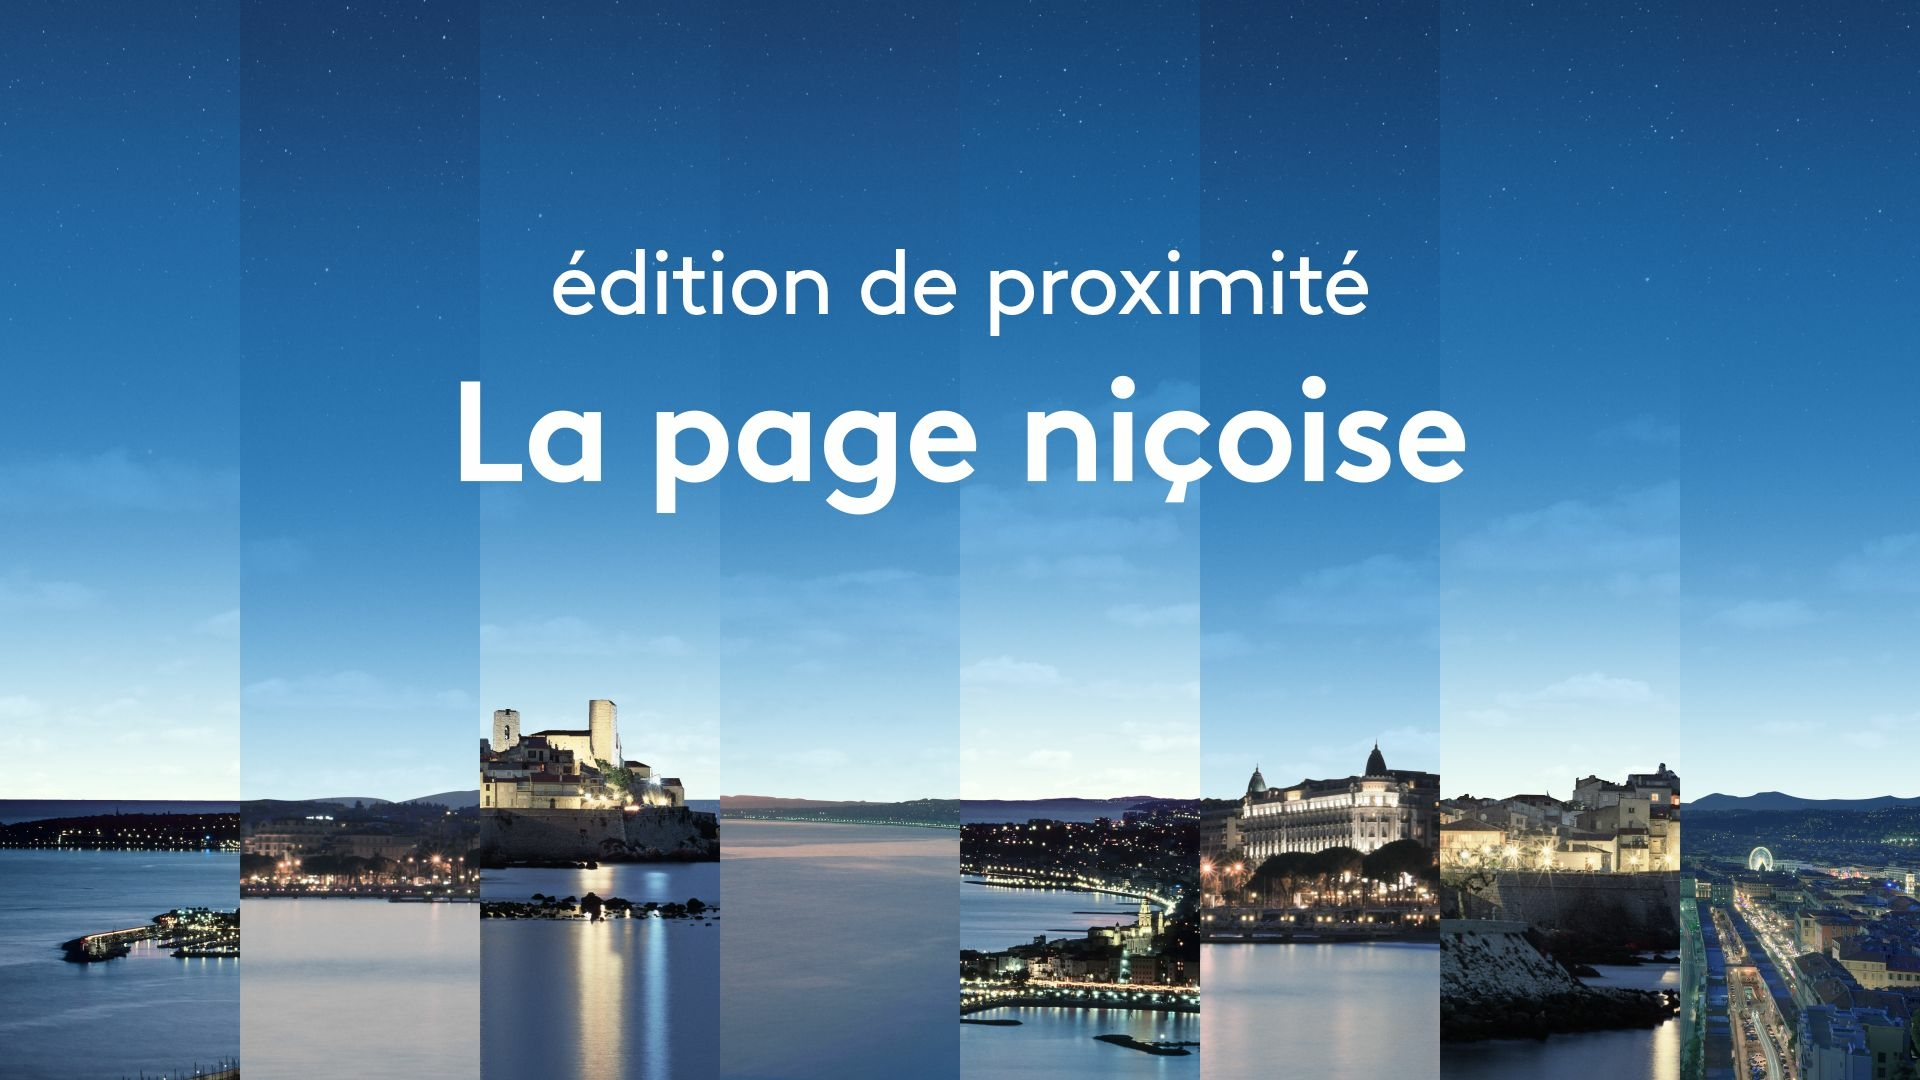 Edition de proximité - La page niçoise